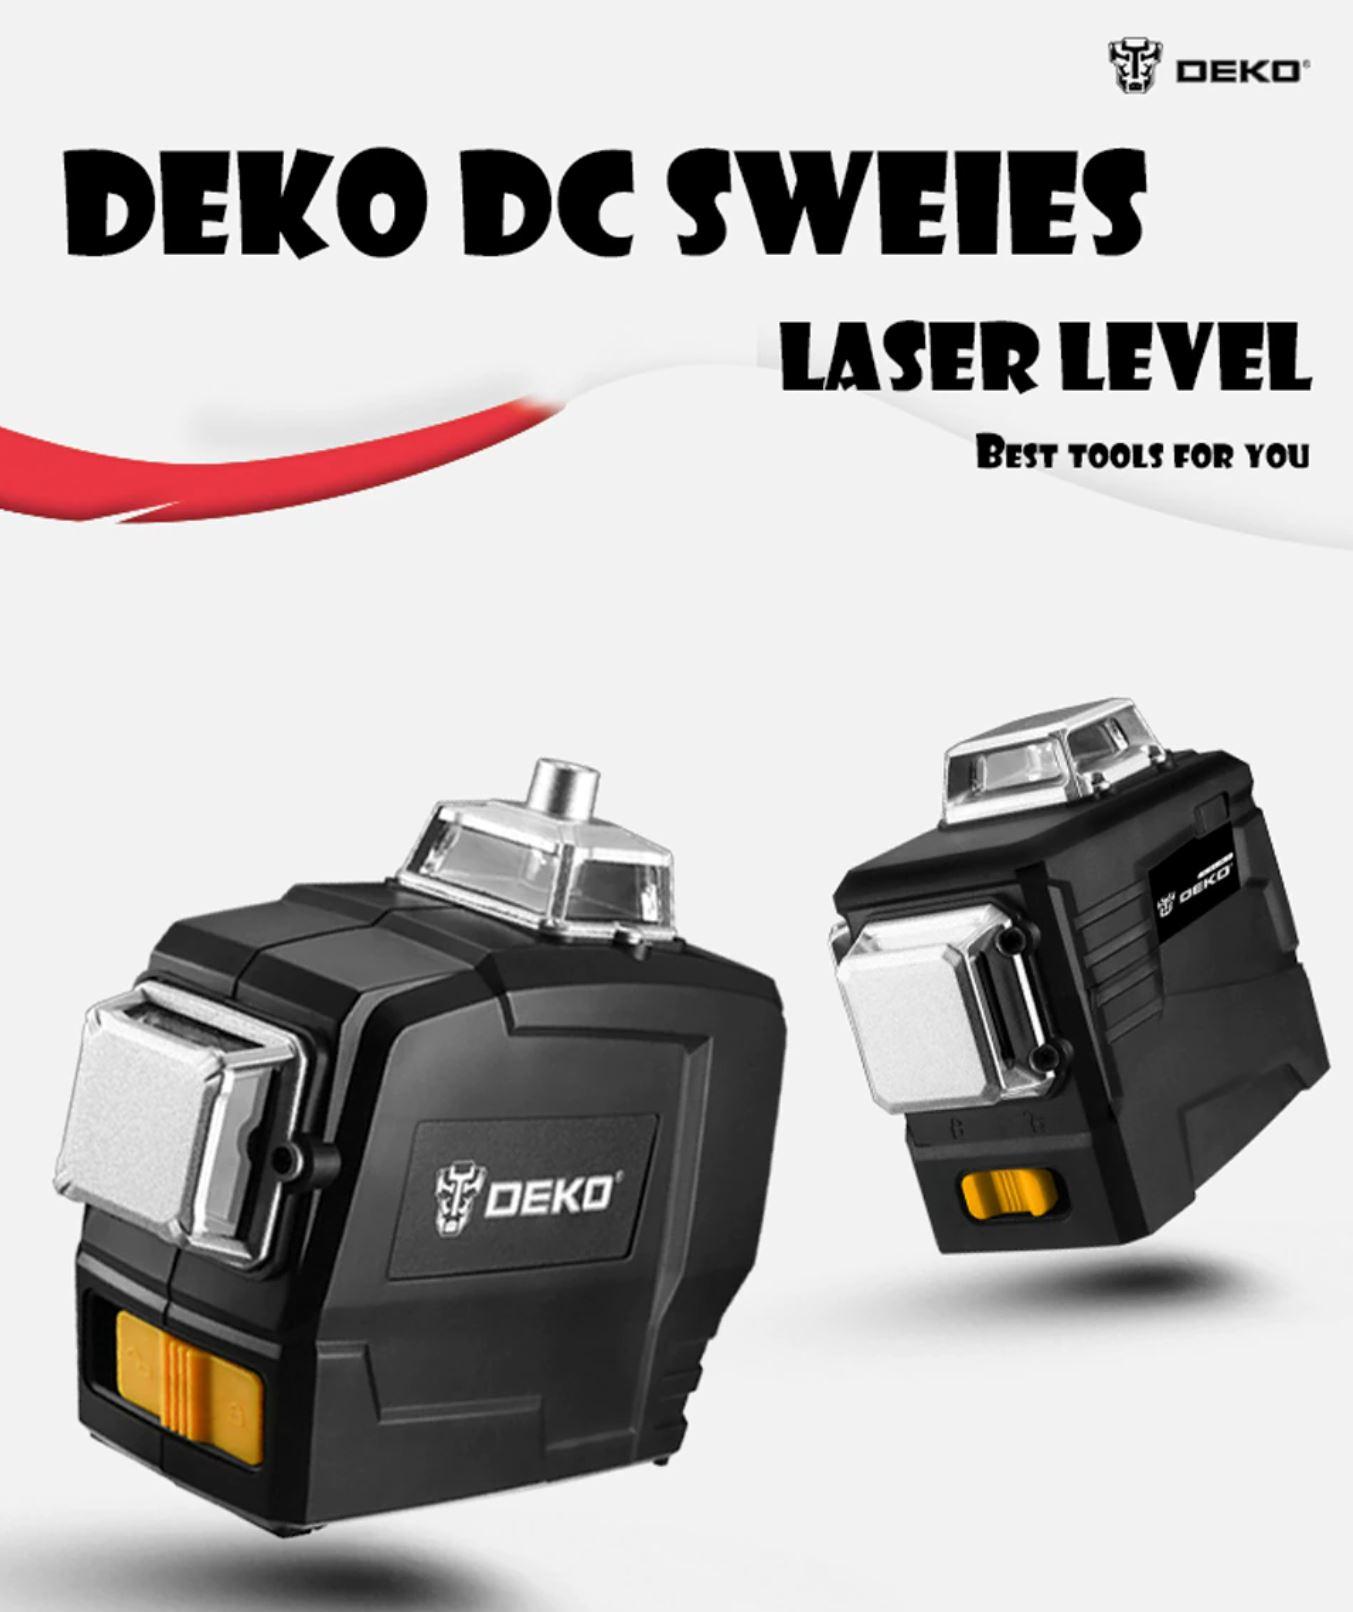 Najlepsze narzędzia z Aliexpress - promocja produktów marki DEKO - DEKO DC SWEIES